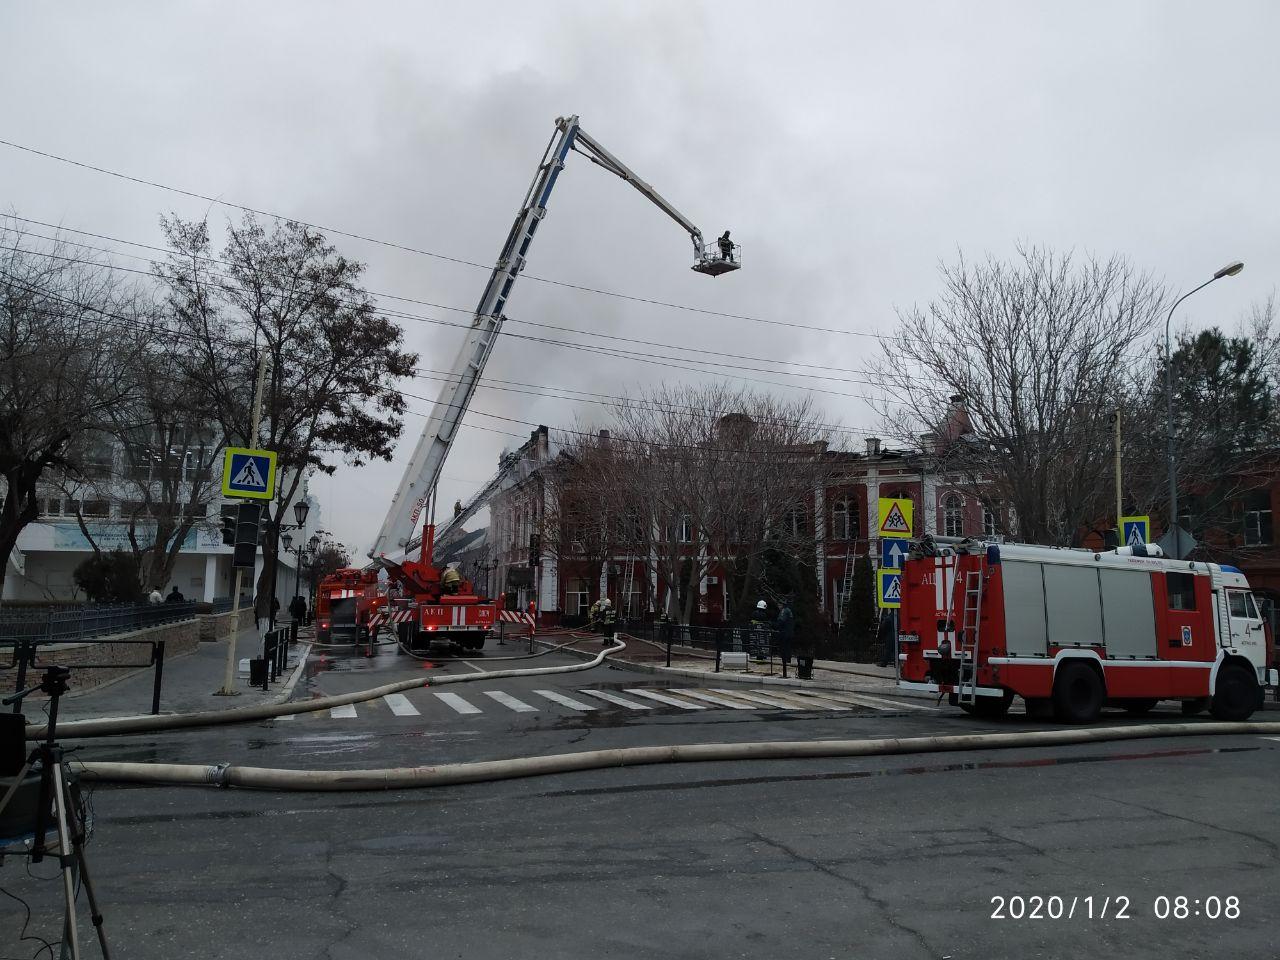 Поджог — одна из версий пожара на ул.Советской в Астрахани